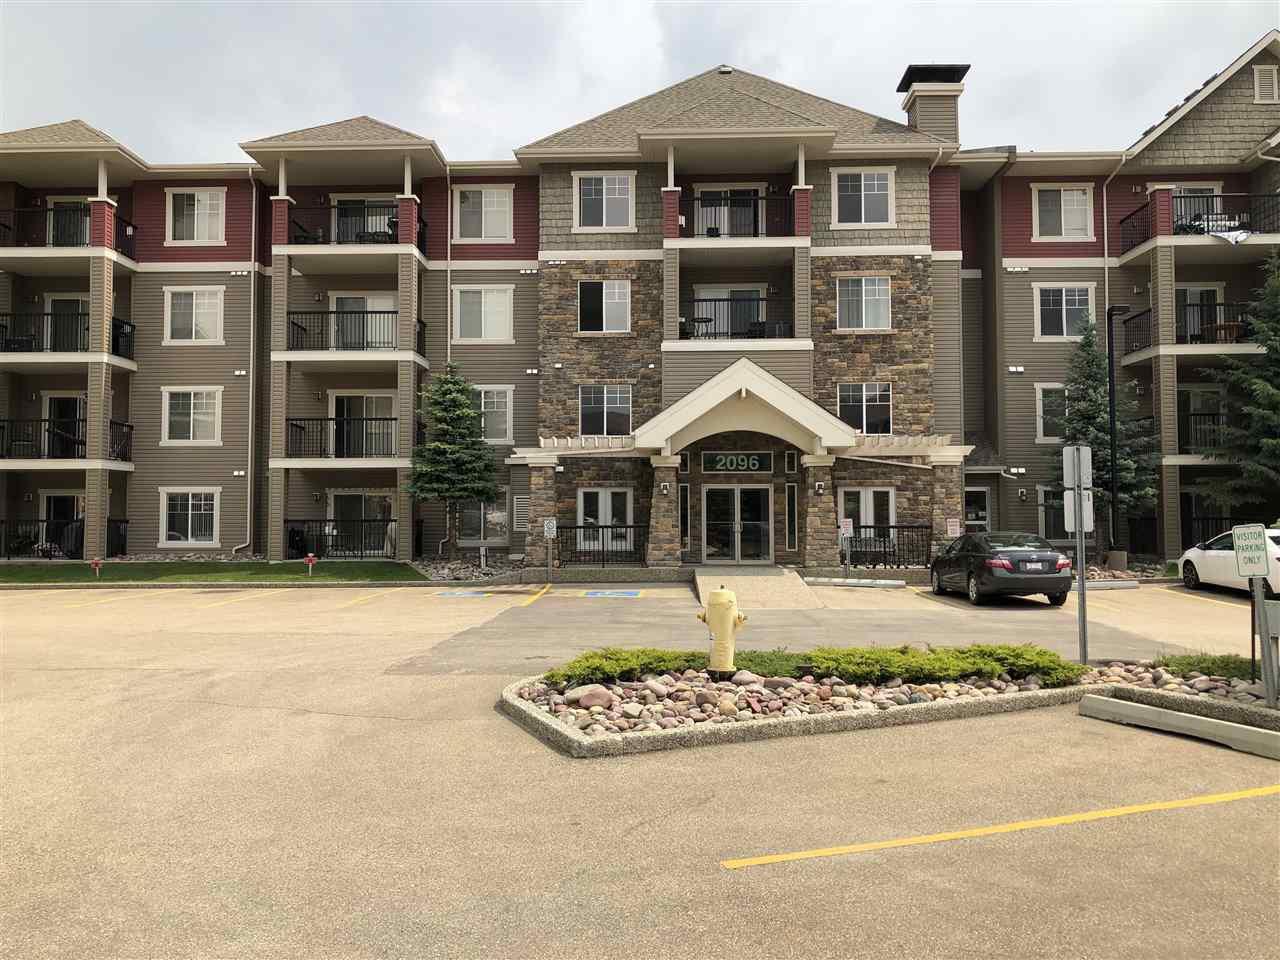 Main Photo: 136 2096 BLACKMUD CREEK Drive in Edmonton: Zone 55 Condo for sale : MLS®# E4163130